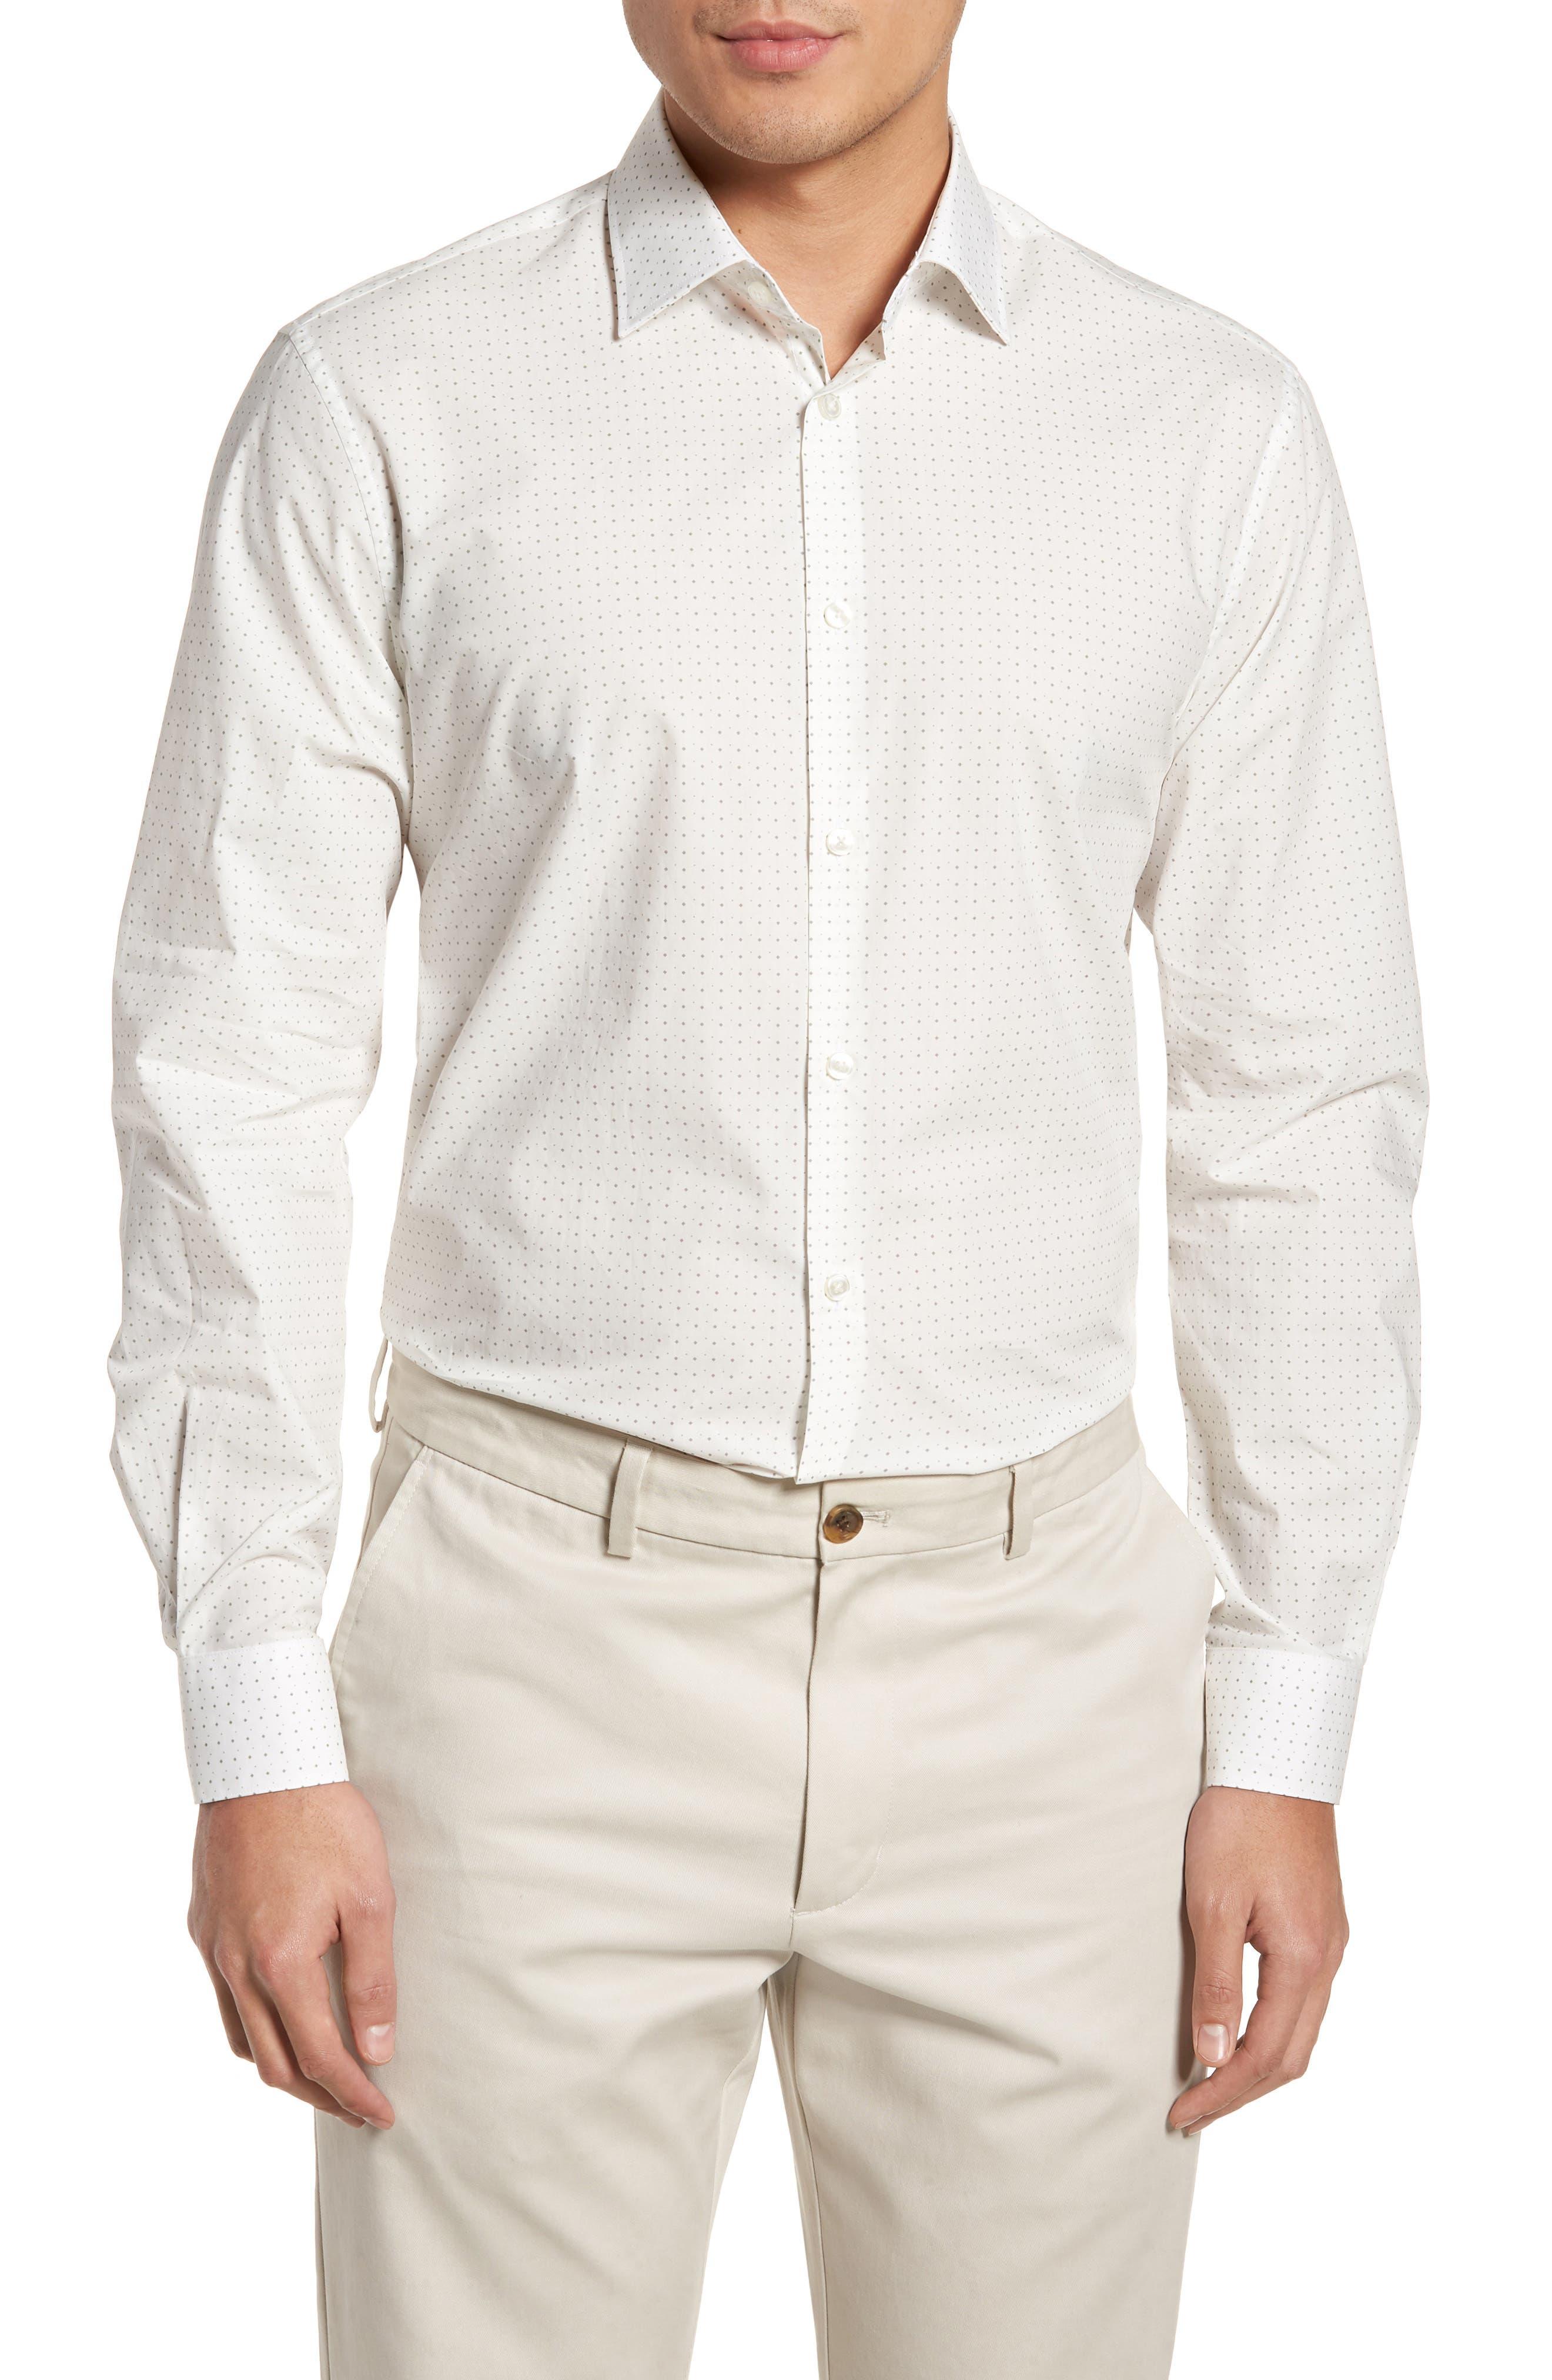 John Varvatos Star USA Regular Fit Diamond Dress Shirt